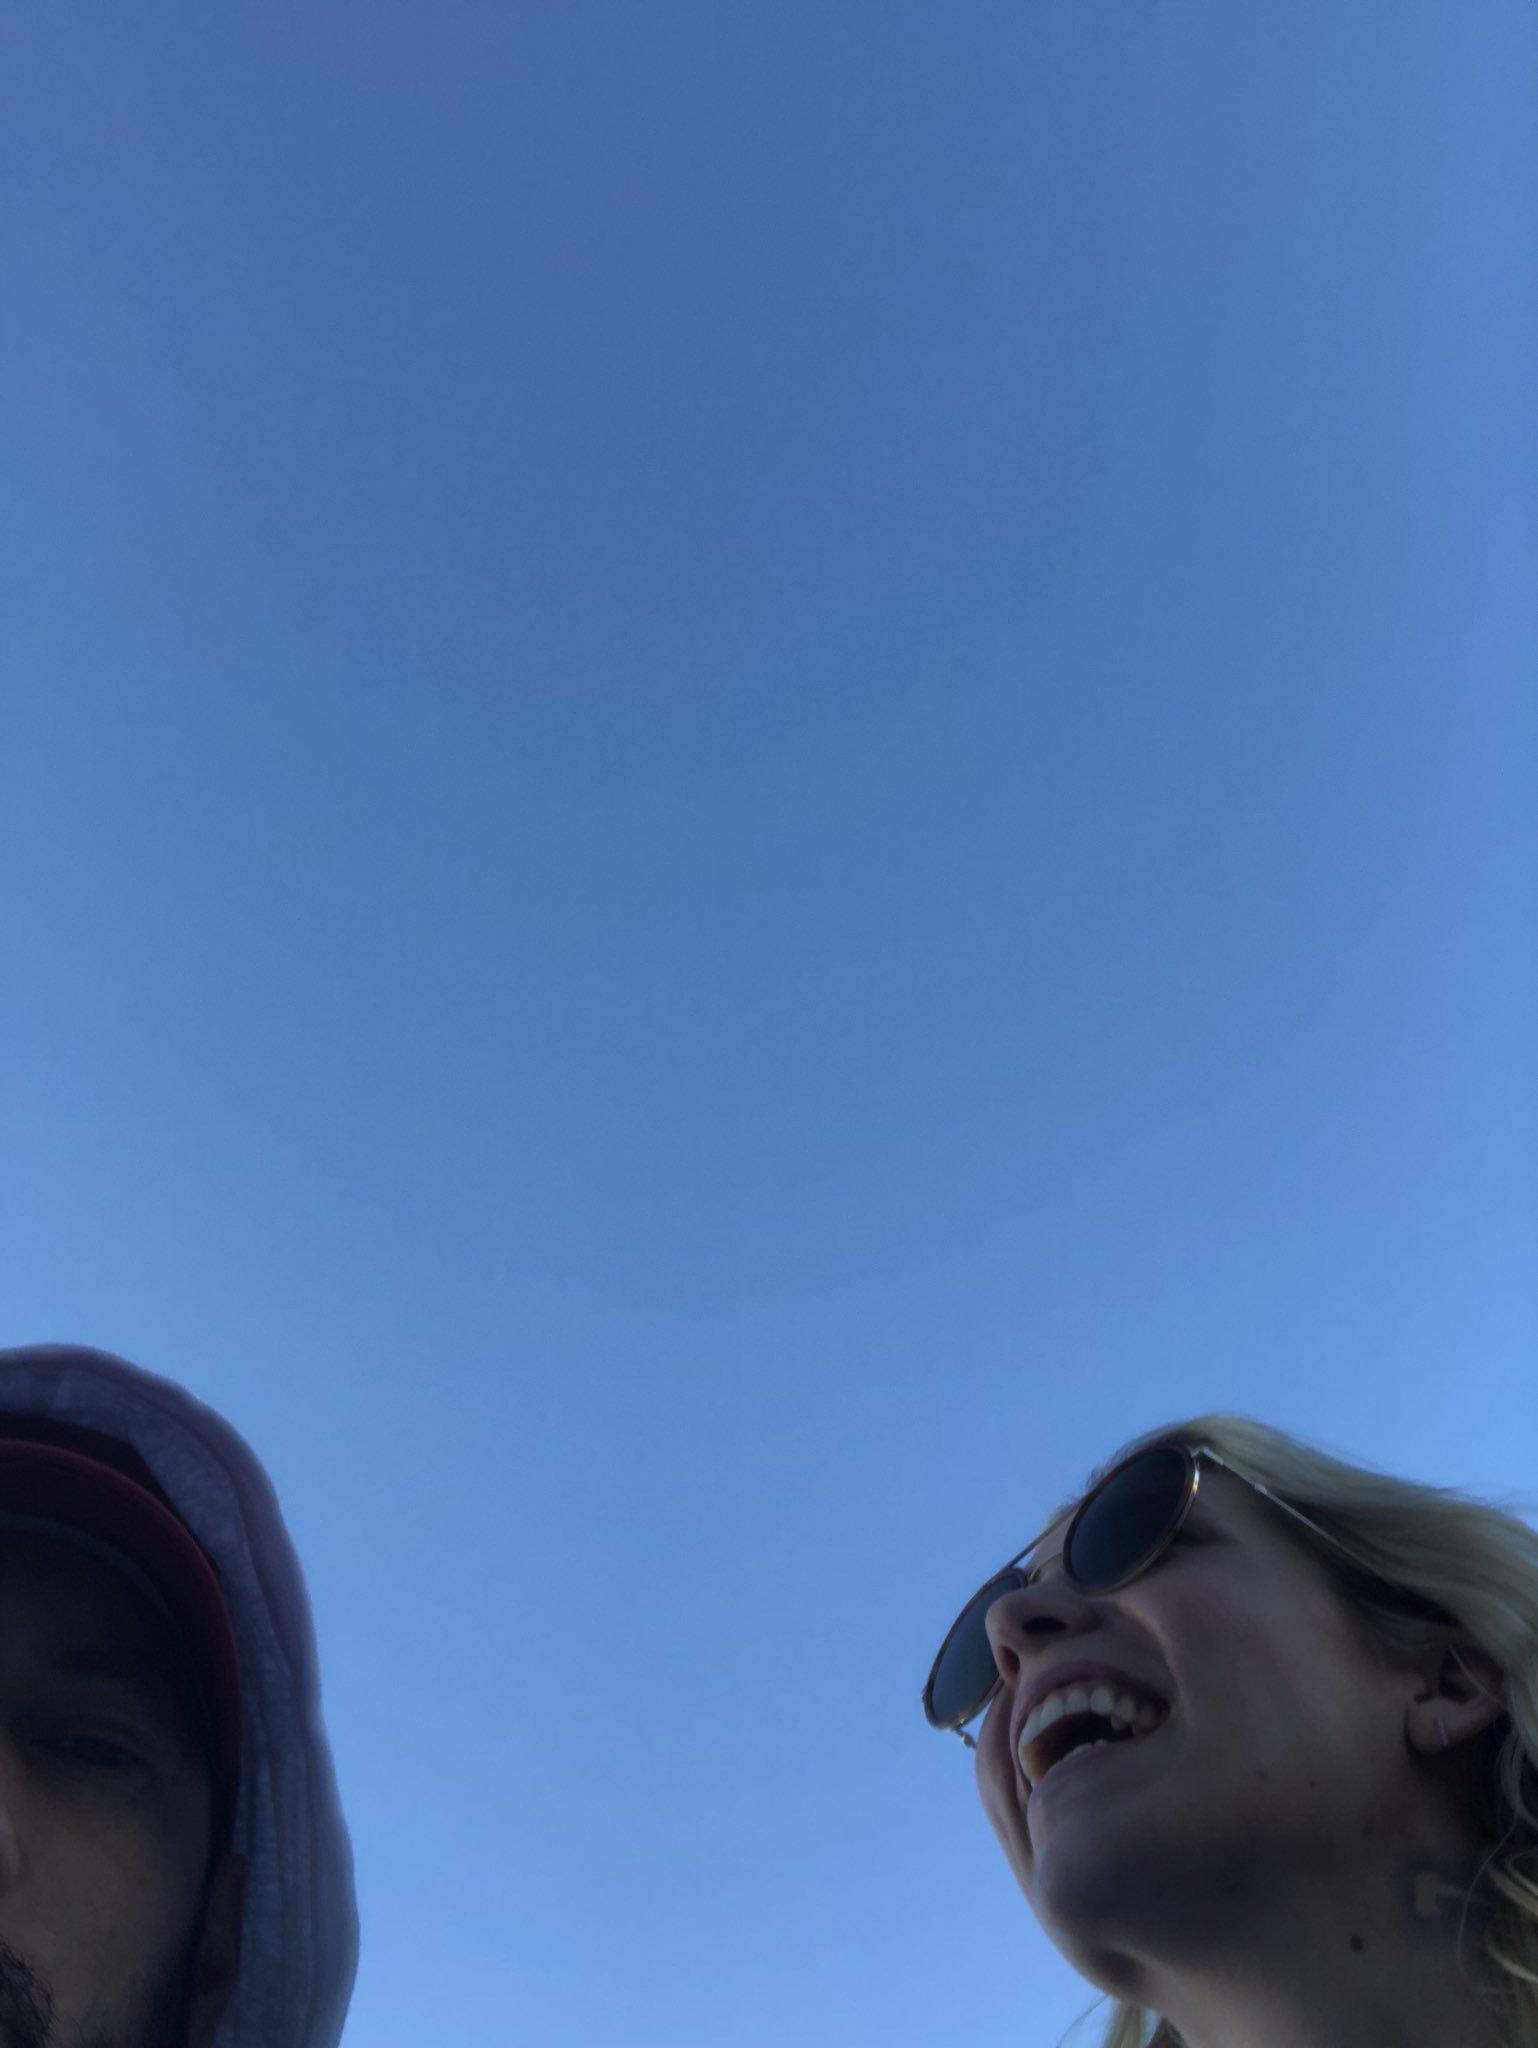 Me and @skylargrey ready for Oslo. What's so funny Skylar?#selfie�� https://t.co/qAKXfoEbk1